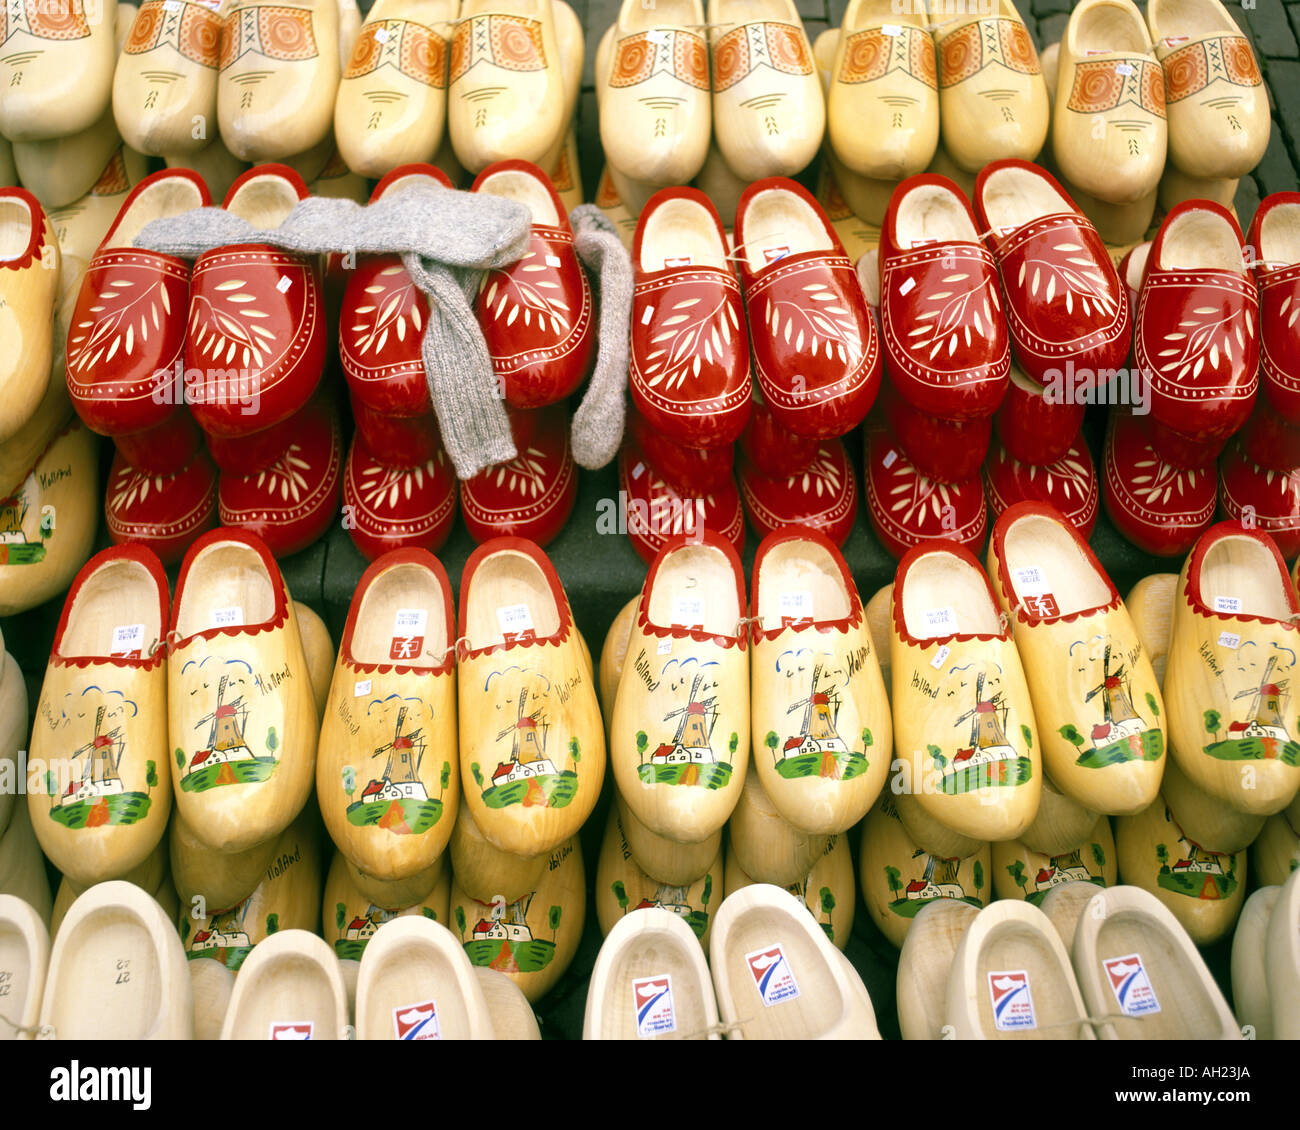 NL - Niederlande: Traditionelle Clogs auf dem Display Stockfoto